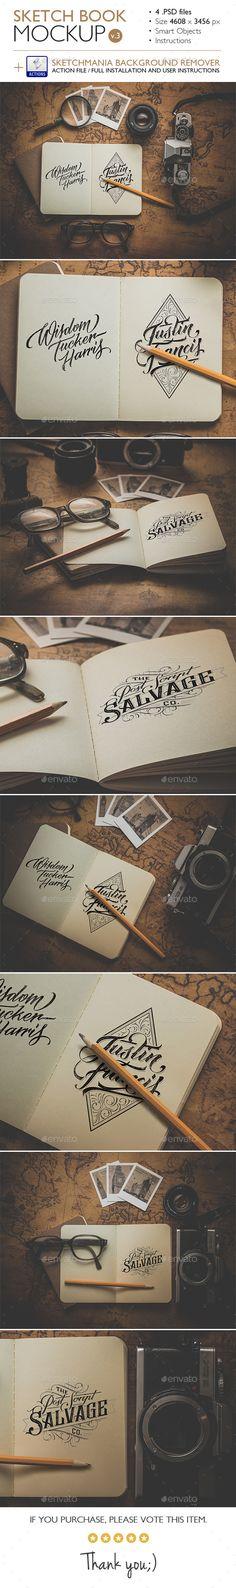 Sketch Book Mockup Design Template v.3 - Product Mock-Ups Graphics Design Template PSD. Download here: https://graphicriver.net/item/sketch-book-mockup-v3/14445579?ref=yinkira